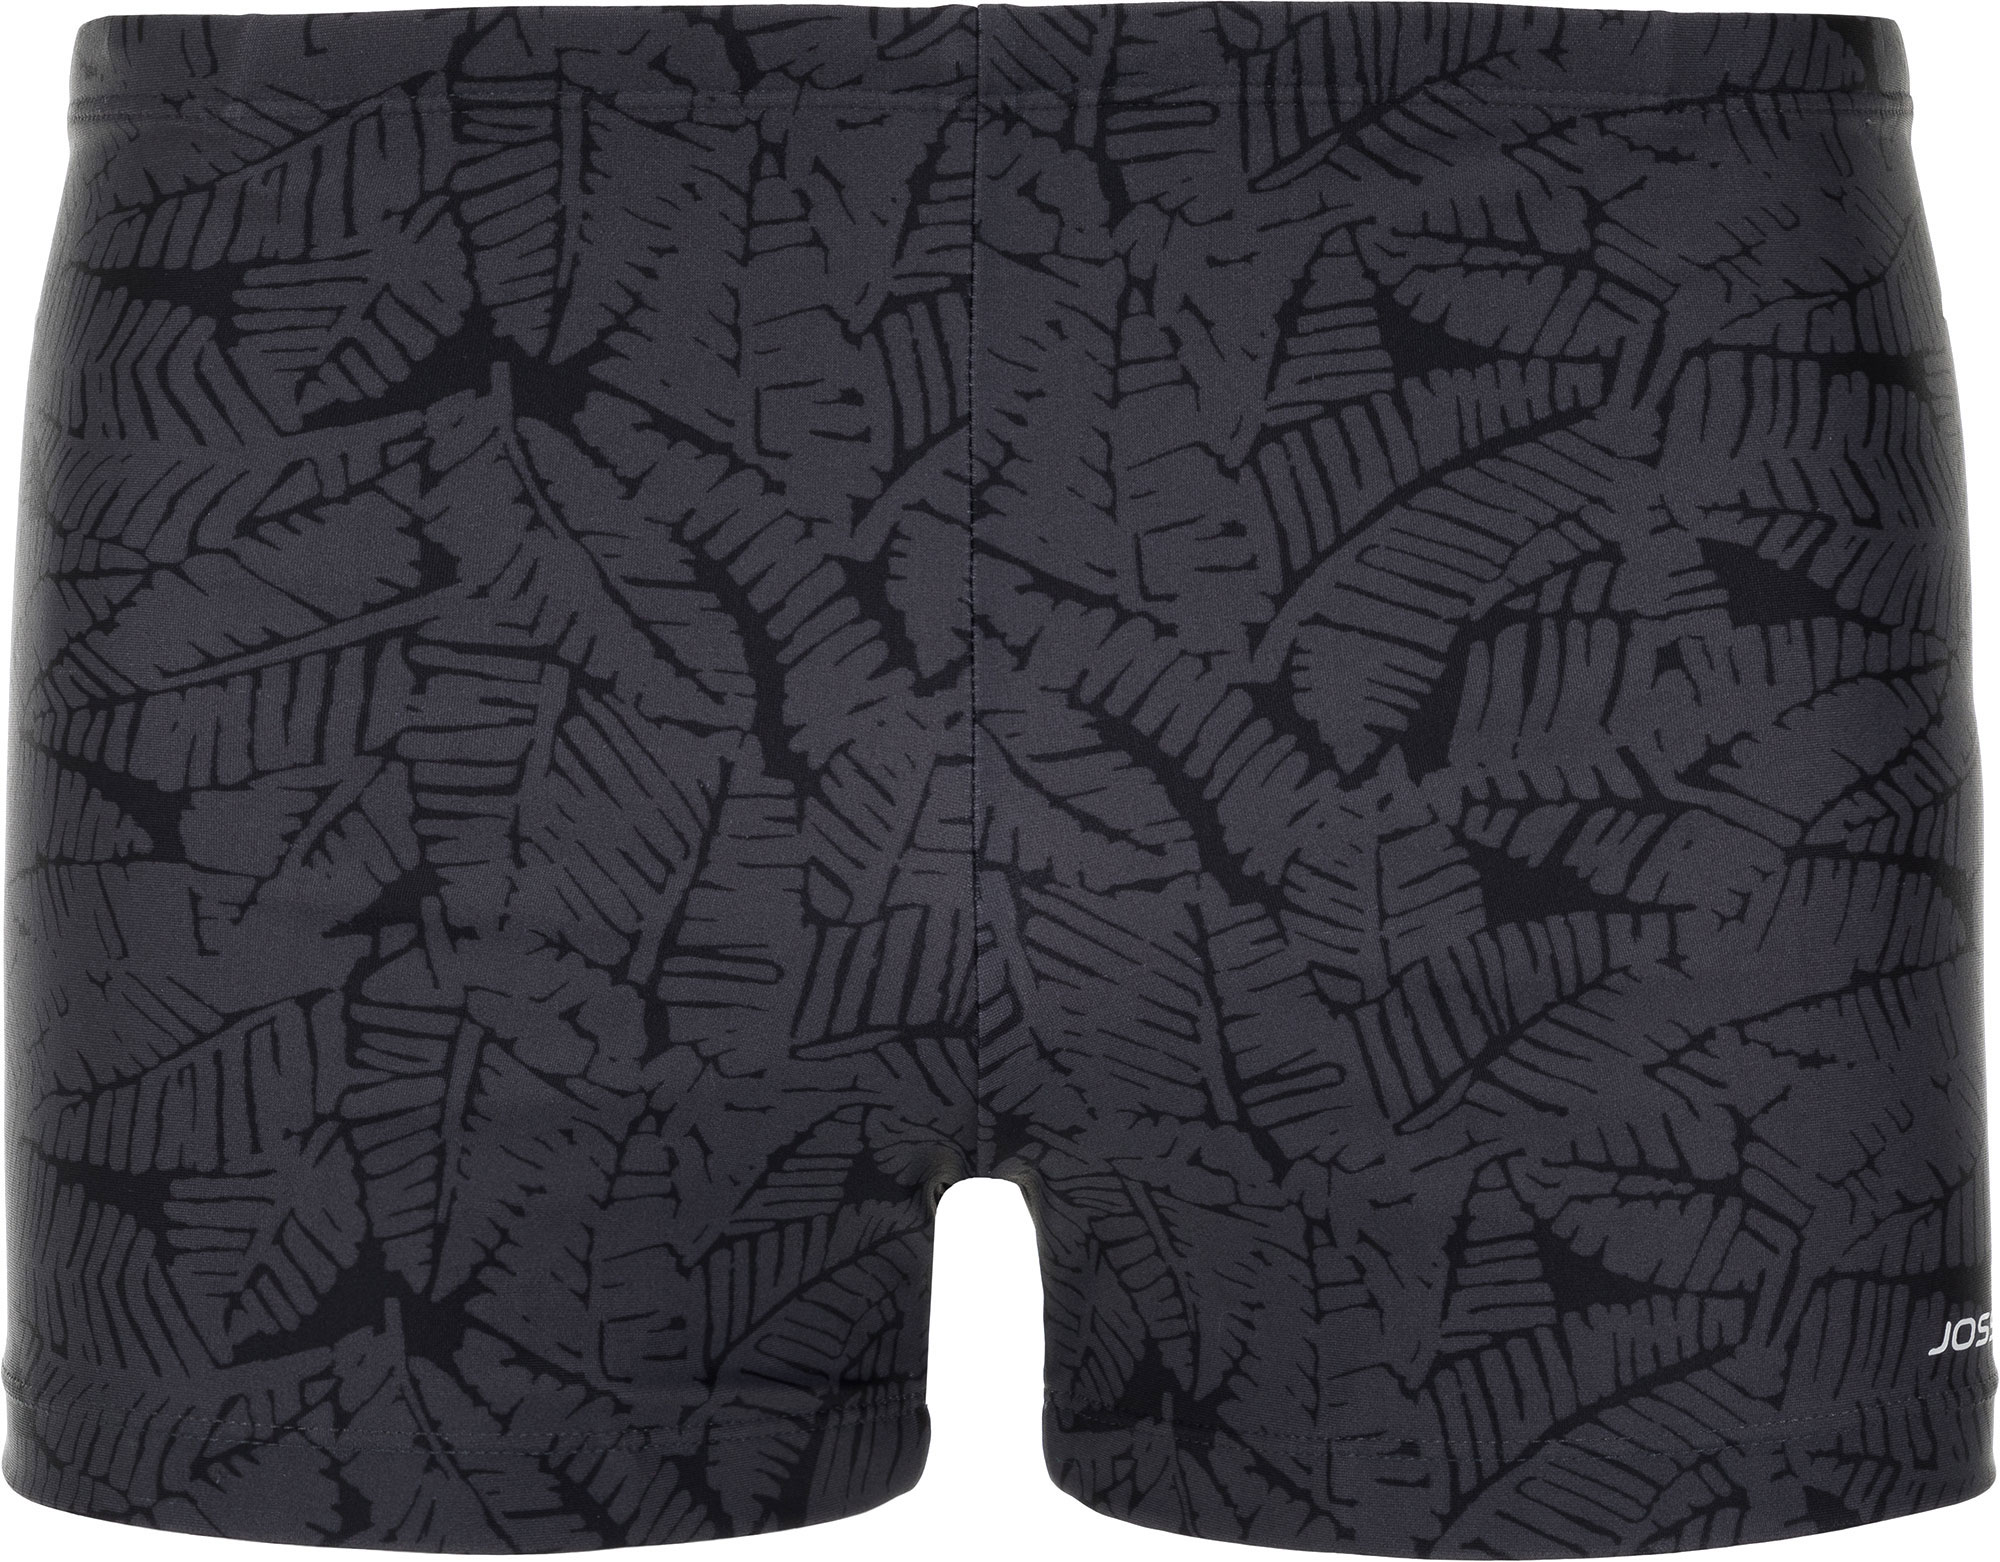 Joss Плавки-шорты мужские Joss, размер 54 цена